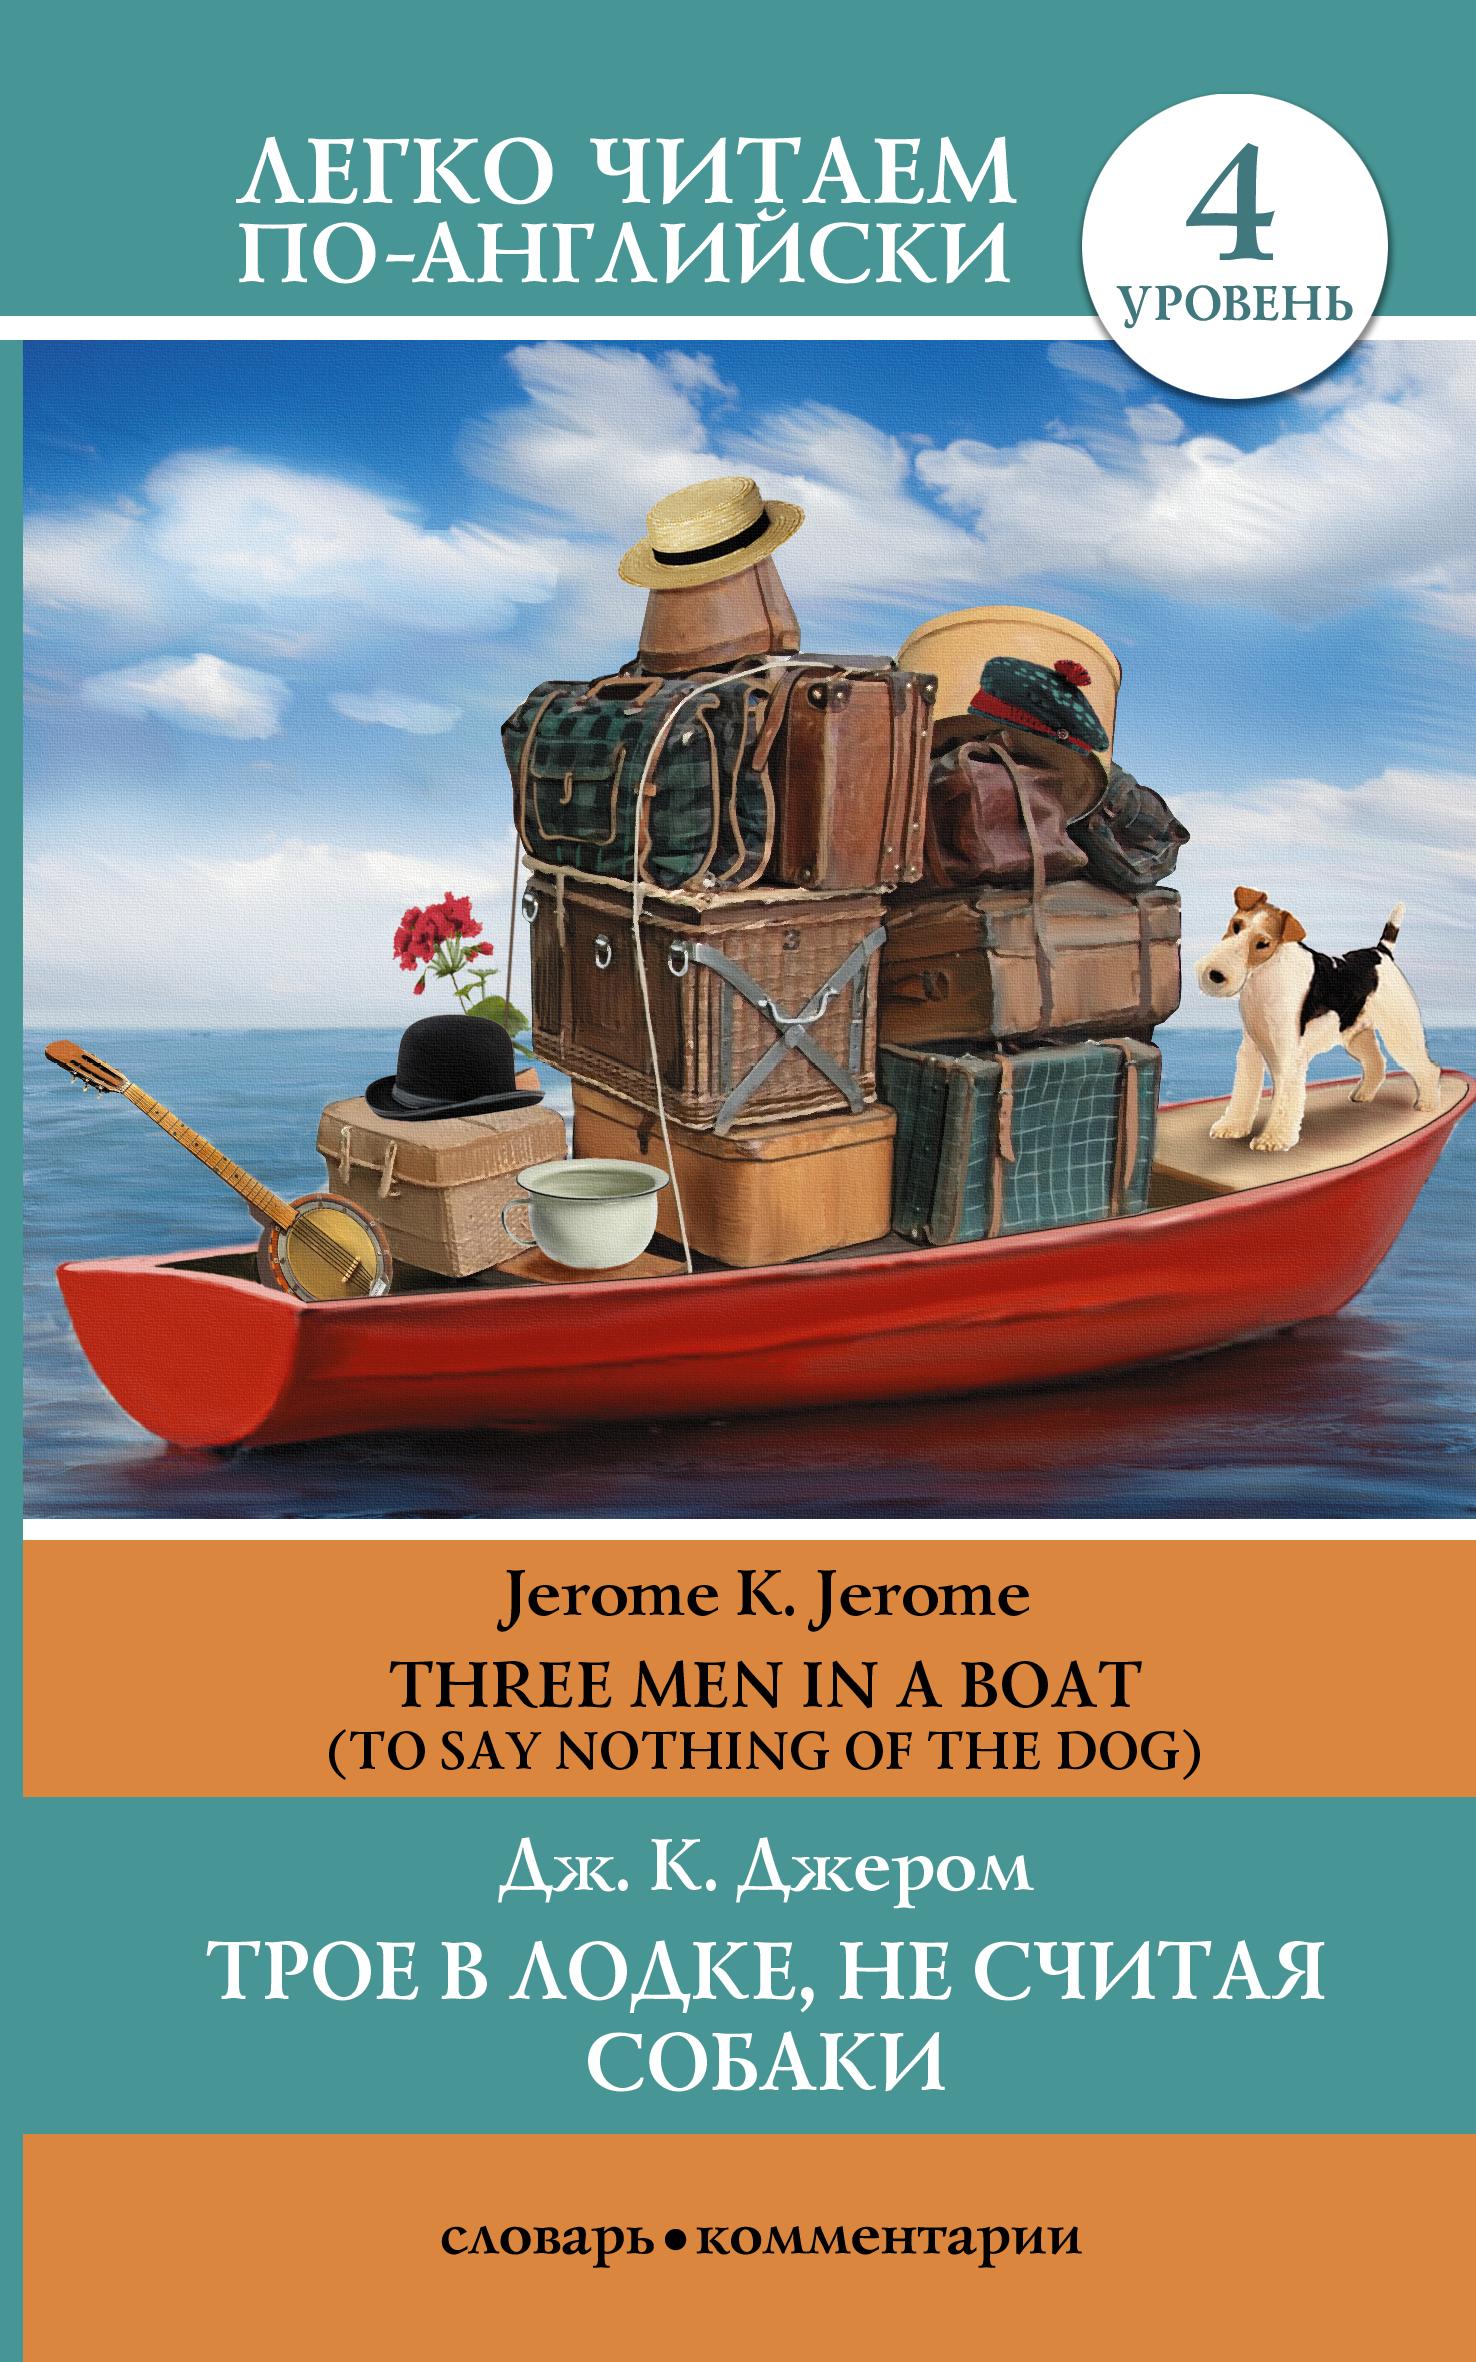 автор трое в лодке не считая собаки автор книги